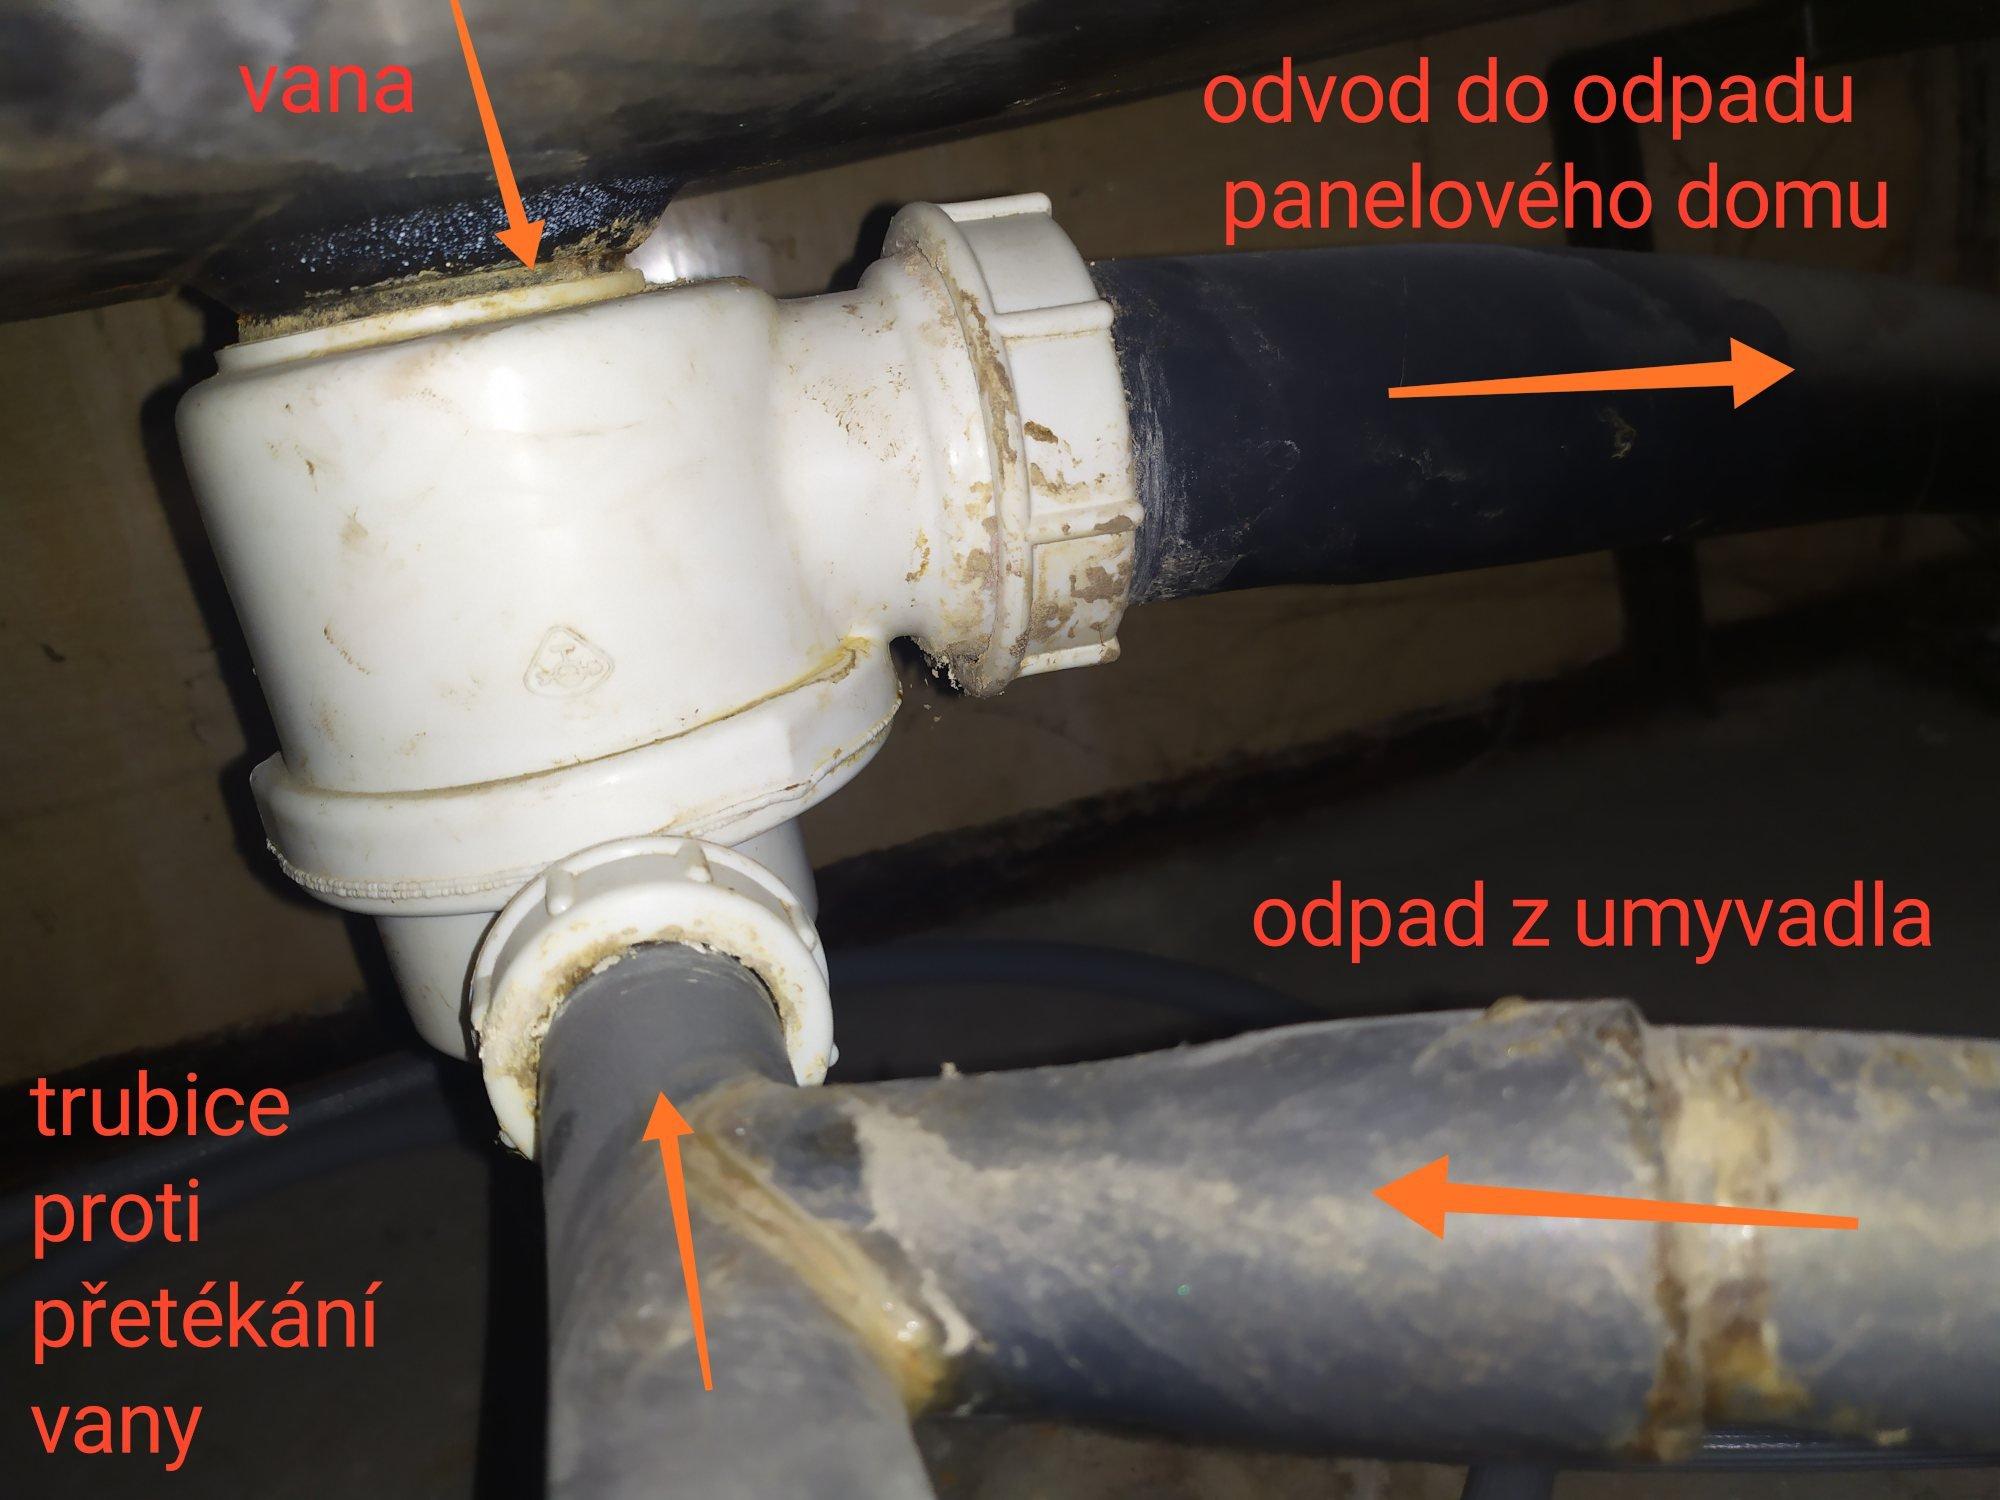 Připojení k odtoku vany